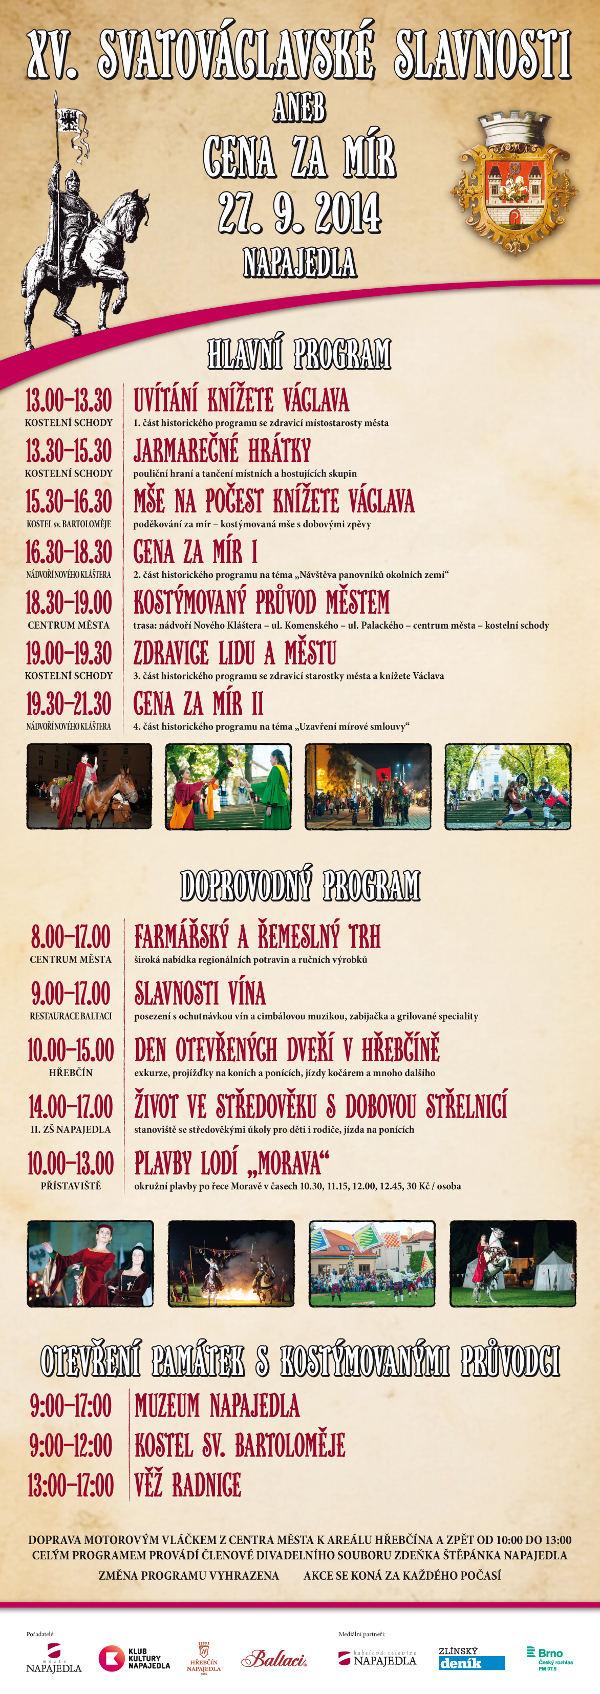 Svatováclavské slavnosti plakát